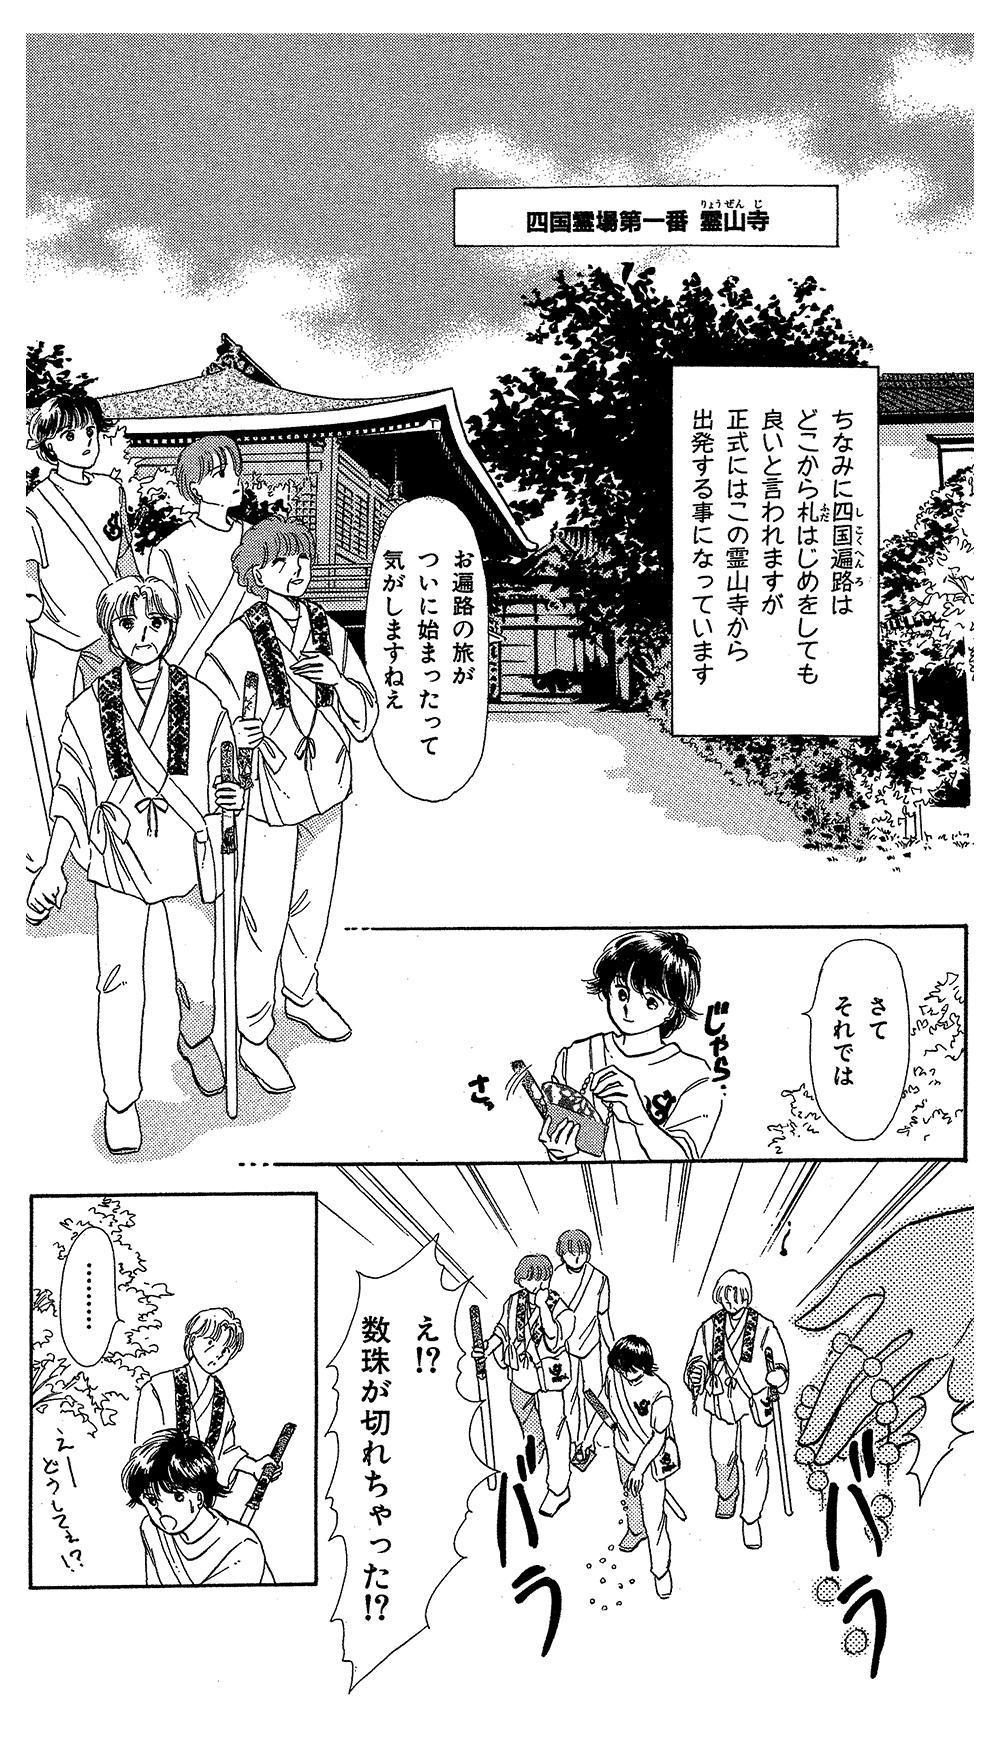 霊感ママシリーズ 第4話「母への道程」①reikanmama-03-99.jpg